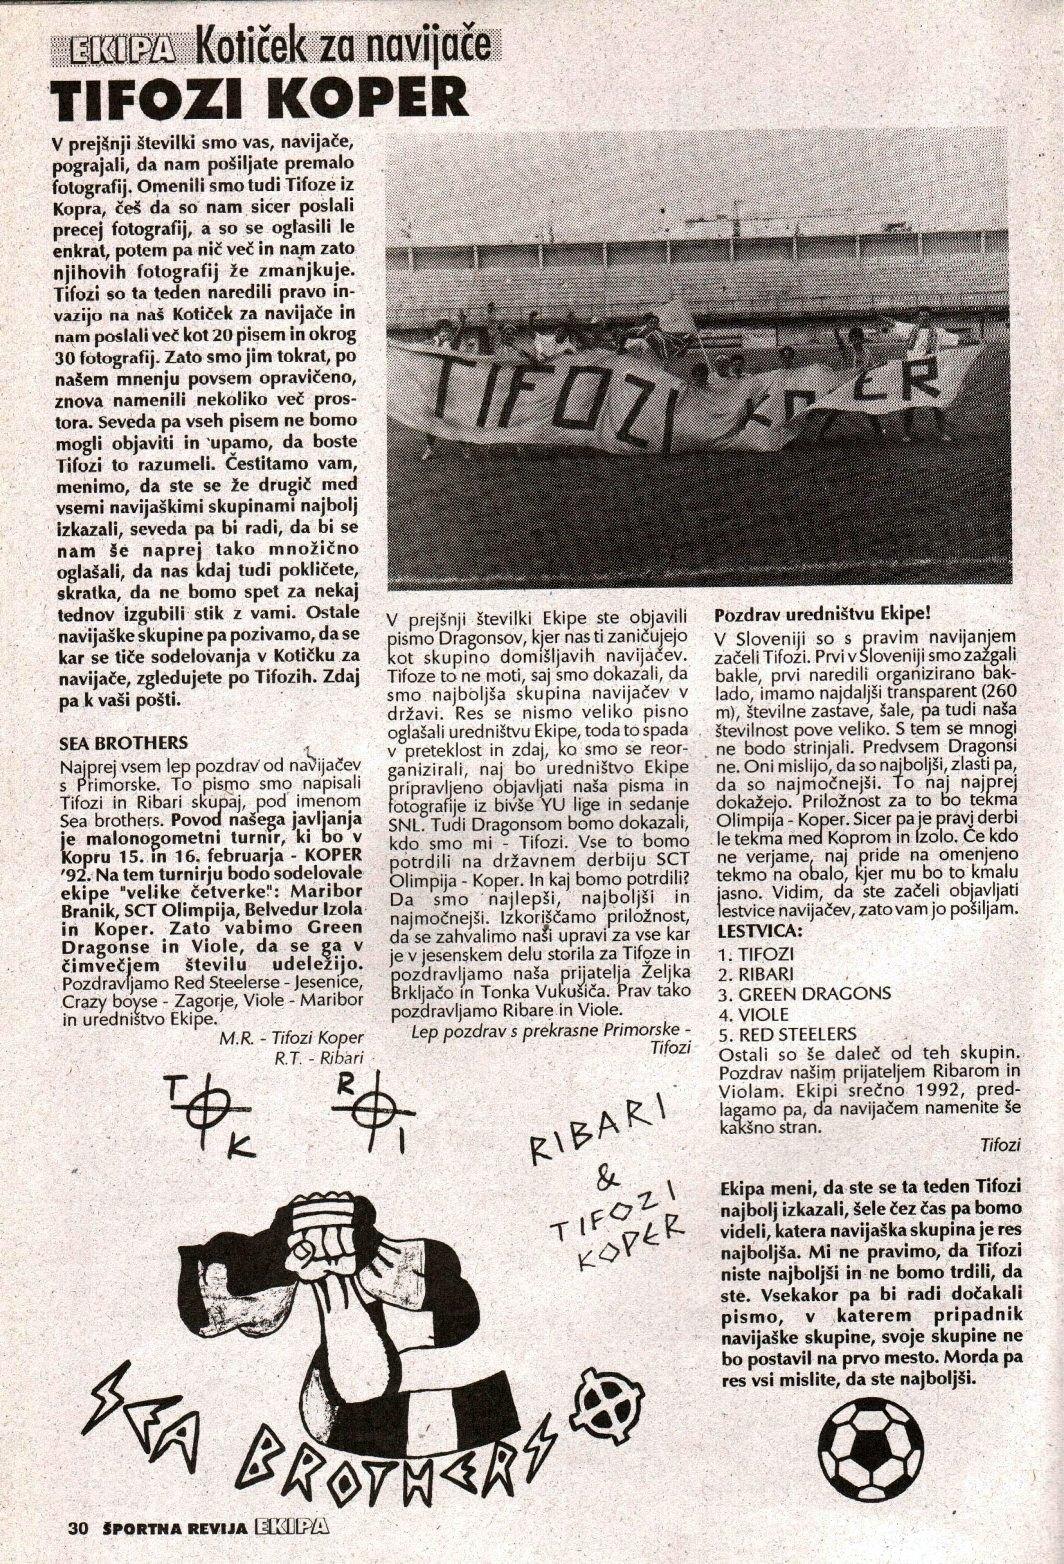 KZN7-1_21-1-1992